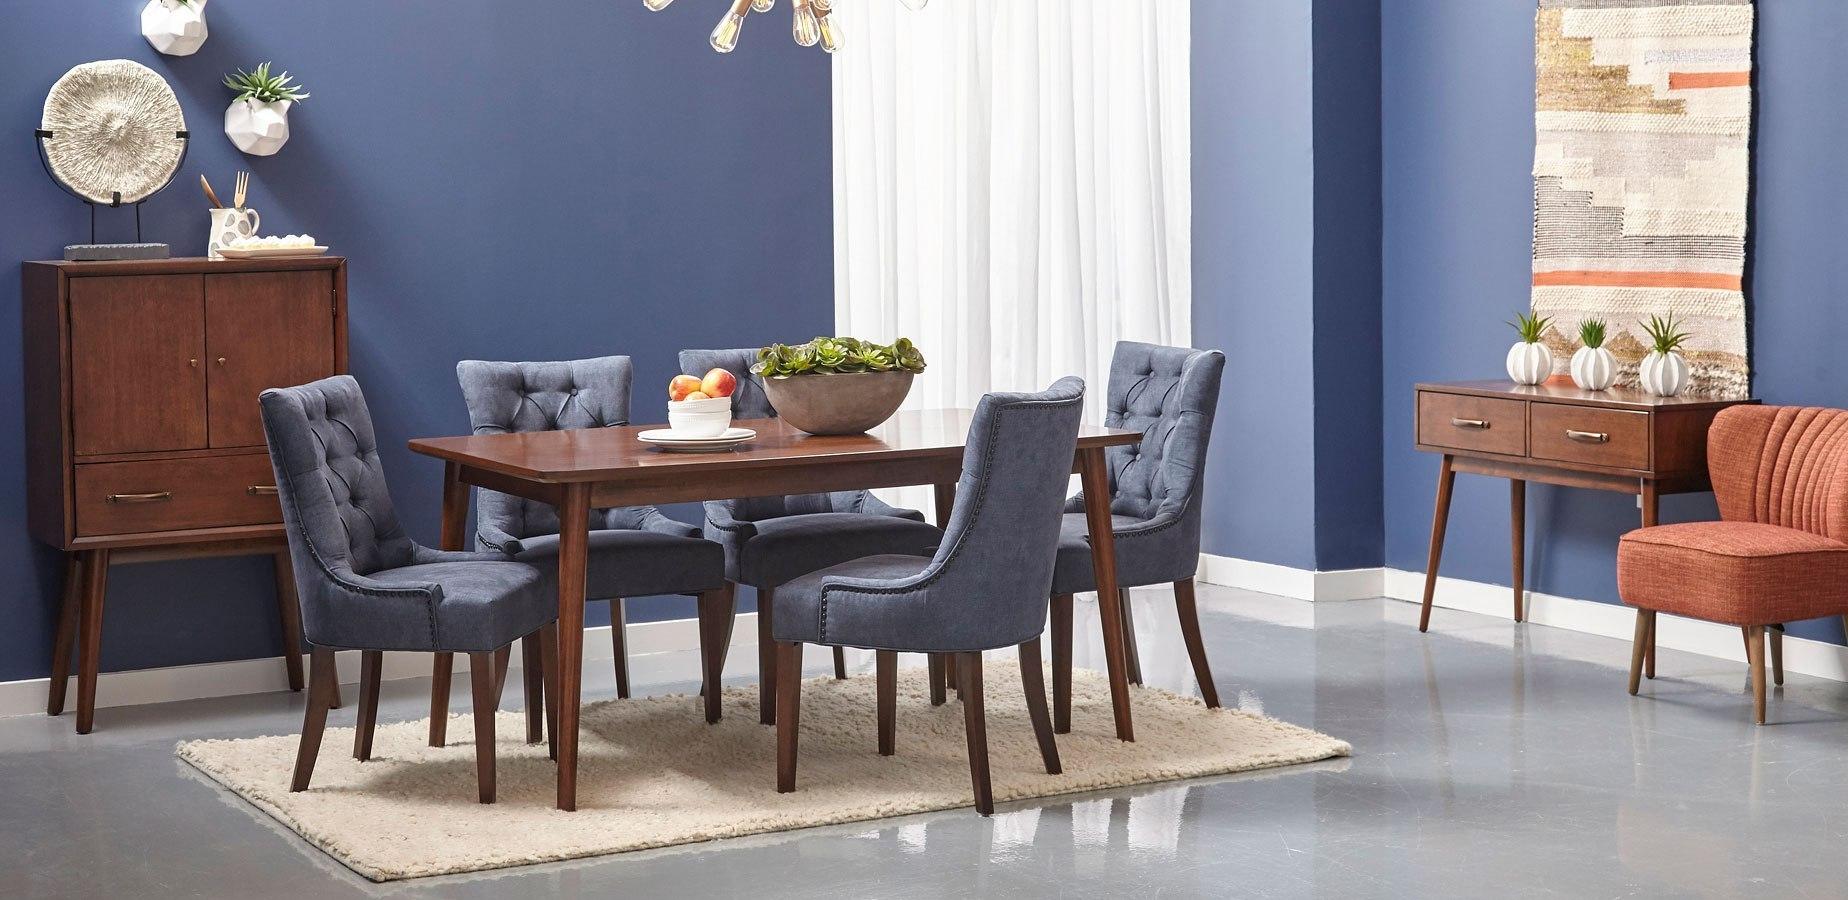 Draper Mid Century Modern Dining Room